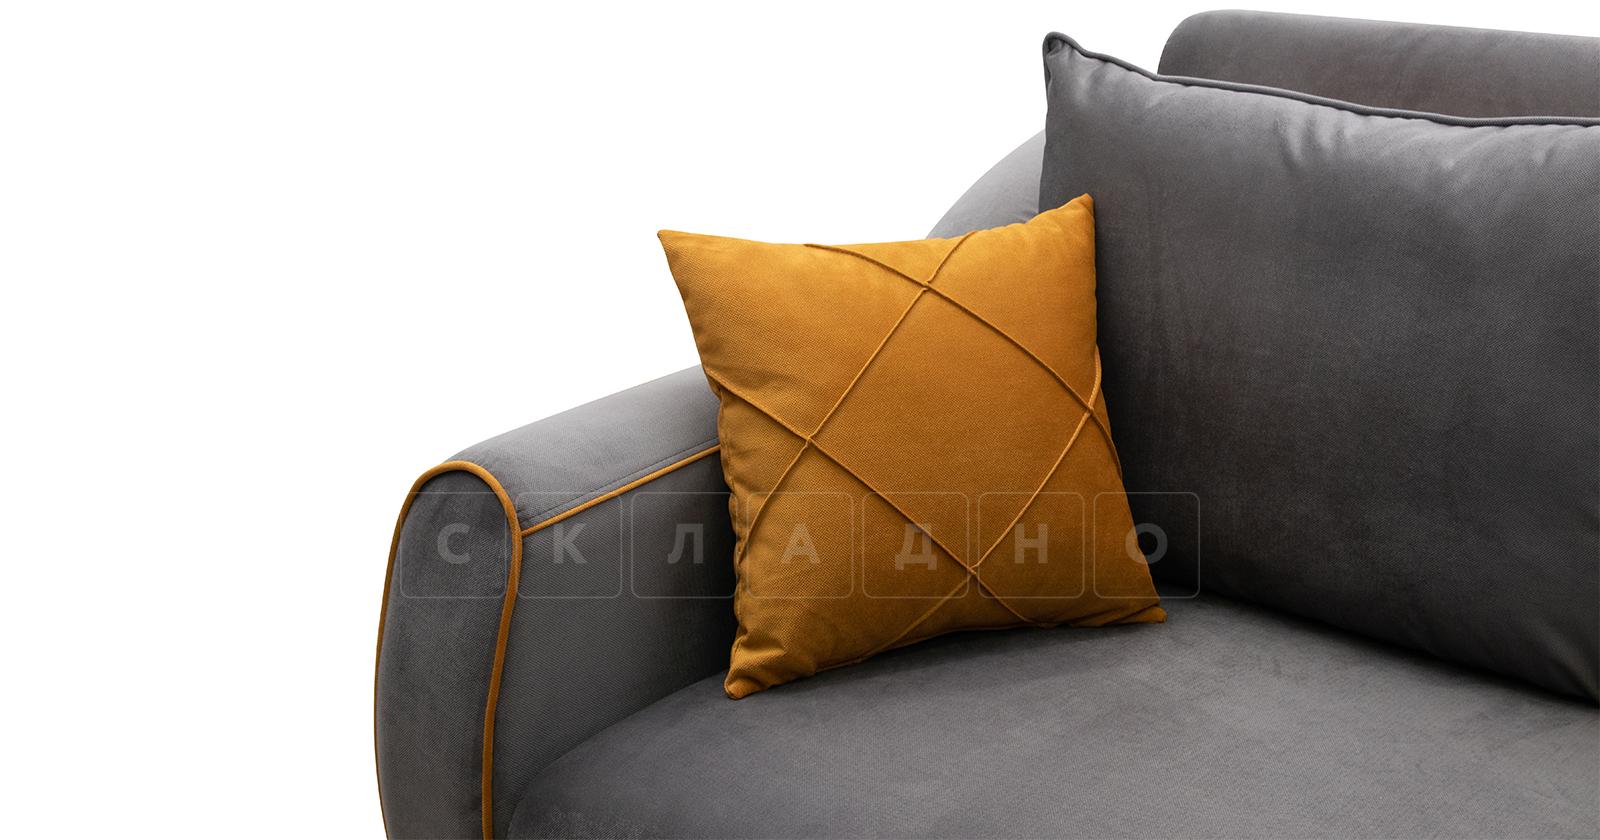 Диван-кровать Флэтфорд кварцевый серый фото 9 | интернет-магазин Складно